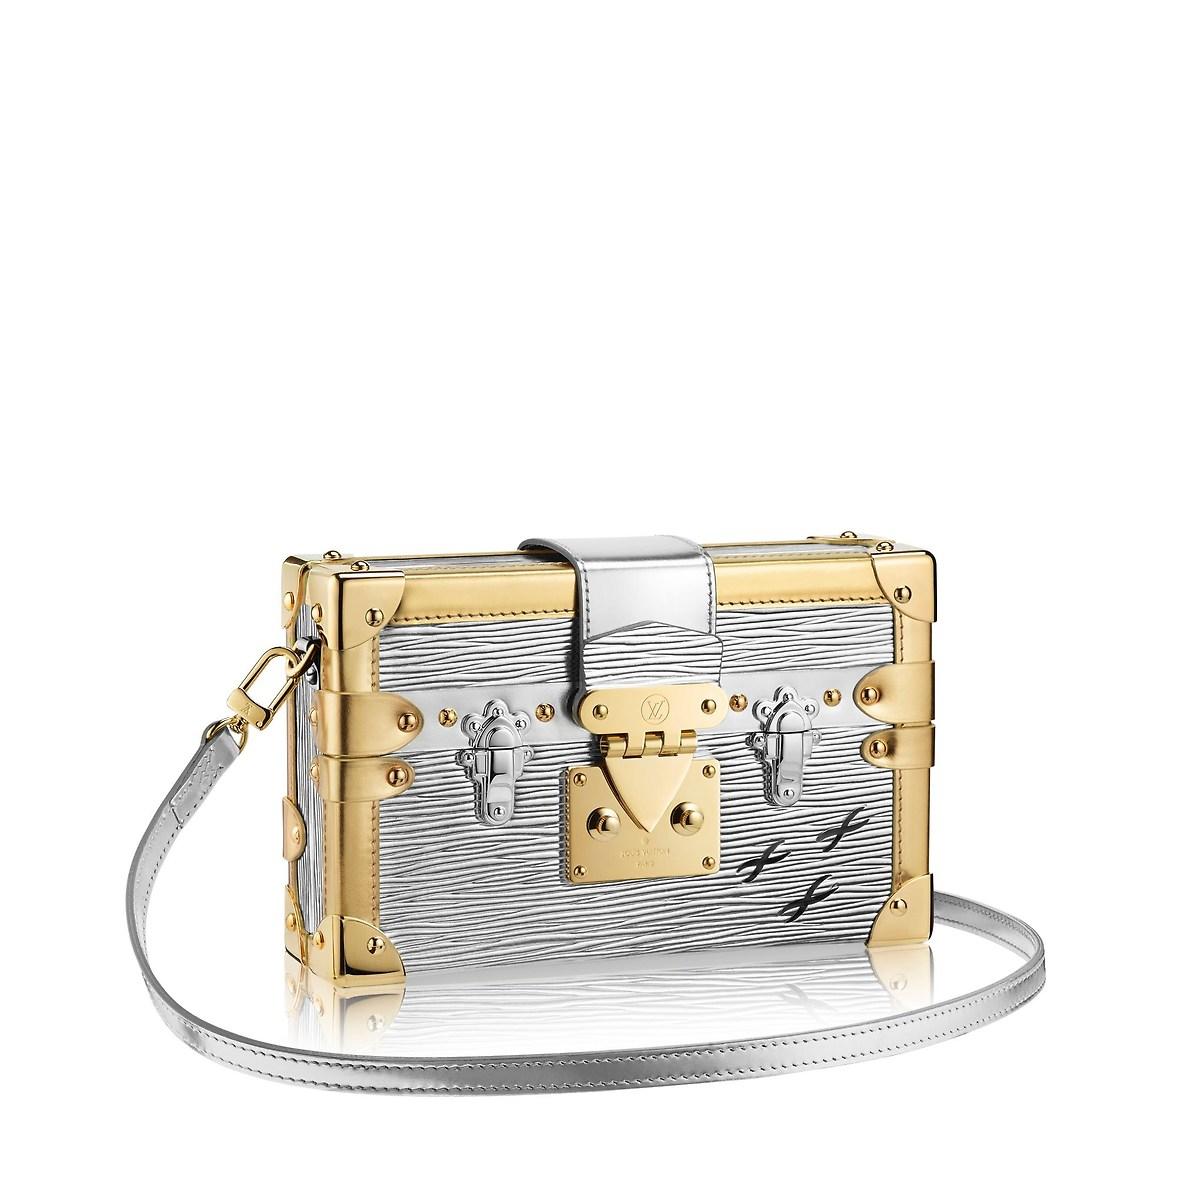 Borsa elegante argento e oro Louis Vuitton a spalla inverno 2019